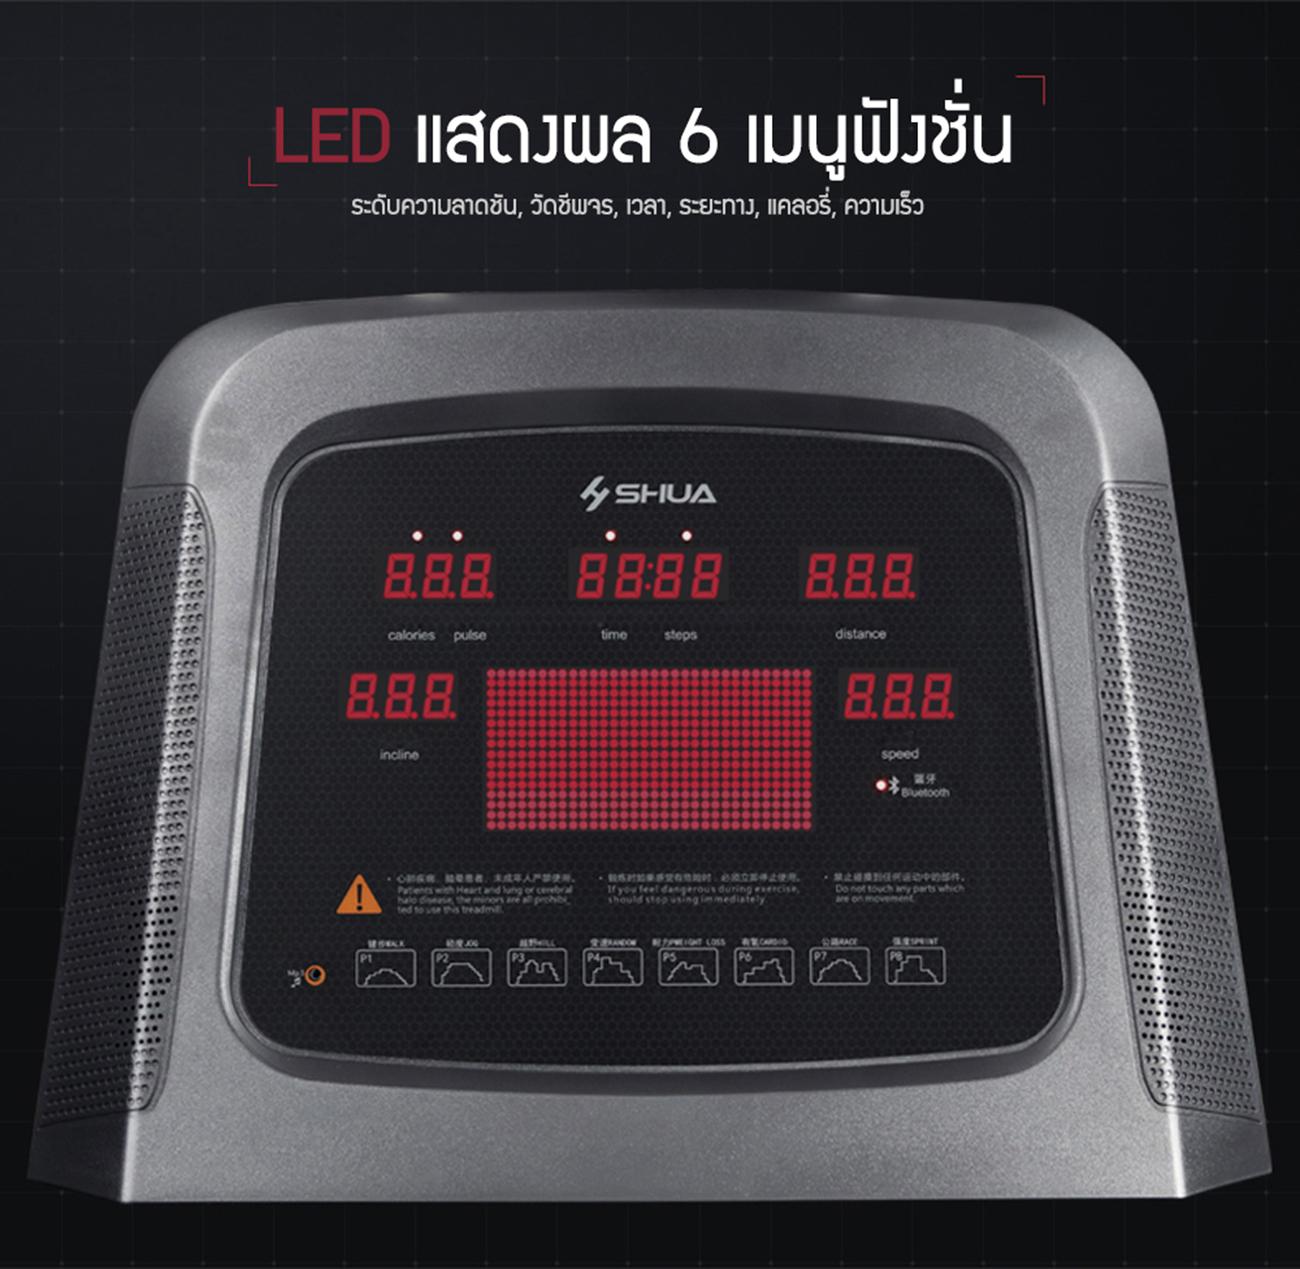 ลู่วิ่งไฟฟ้า 360องศา ฟิตเนส รุ่น X4.5 - DC 4.0 HP motor